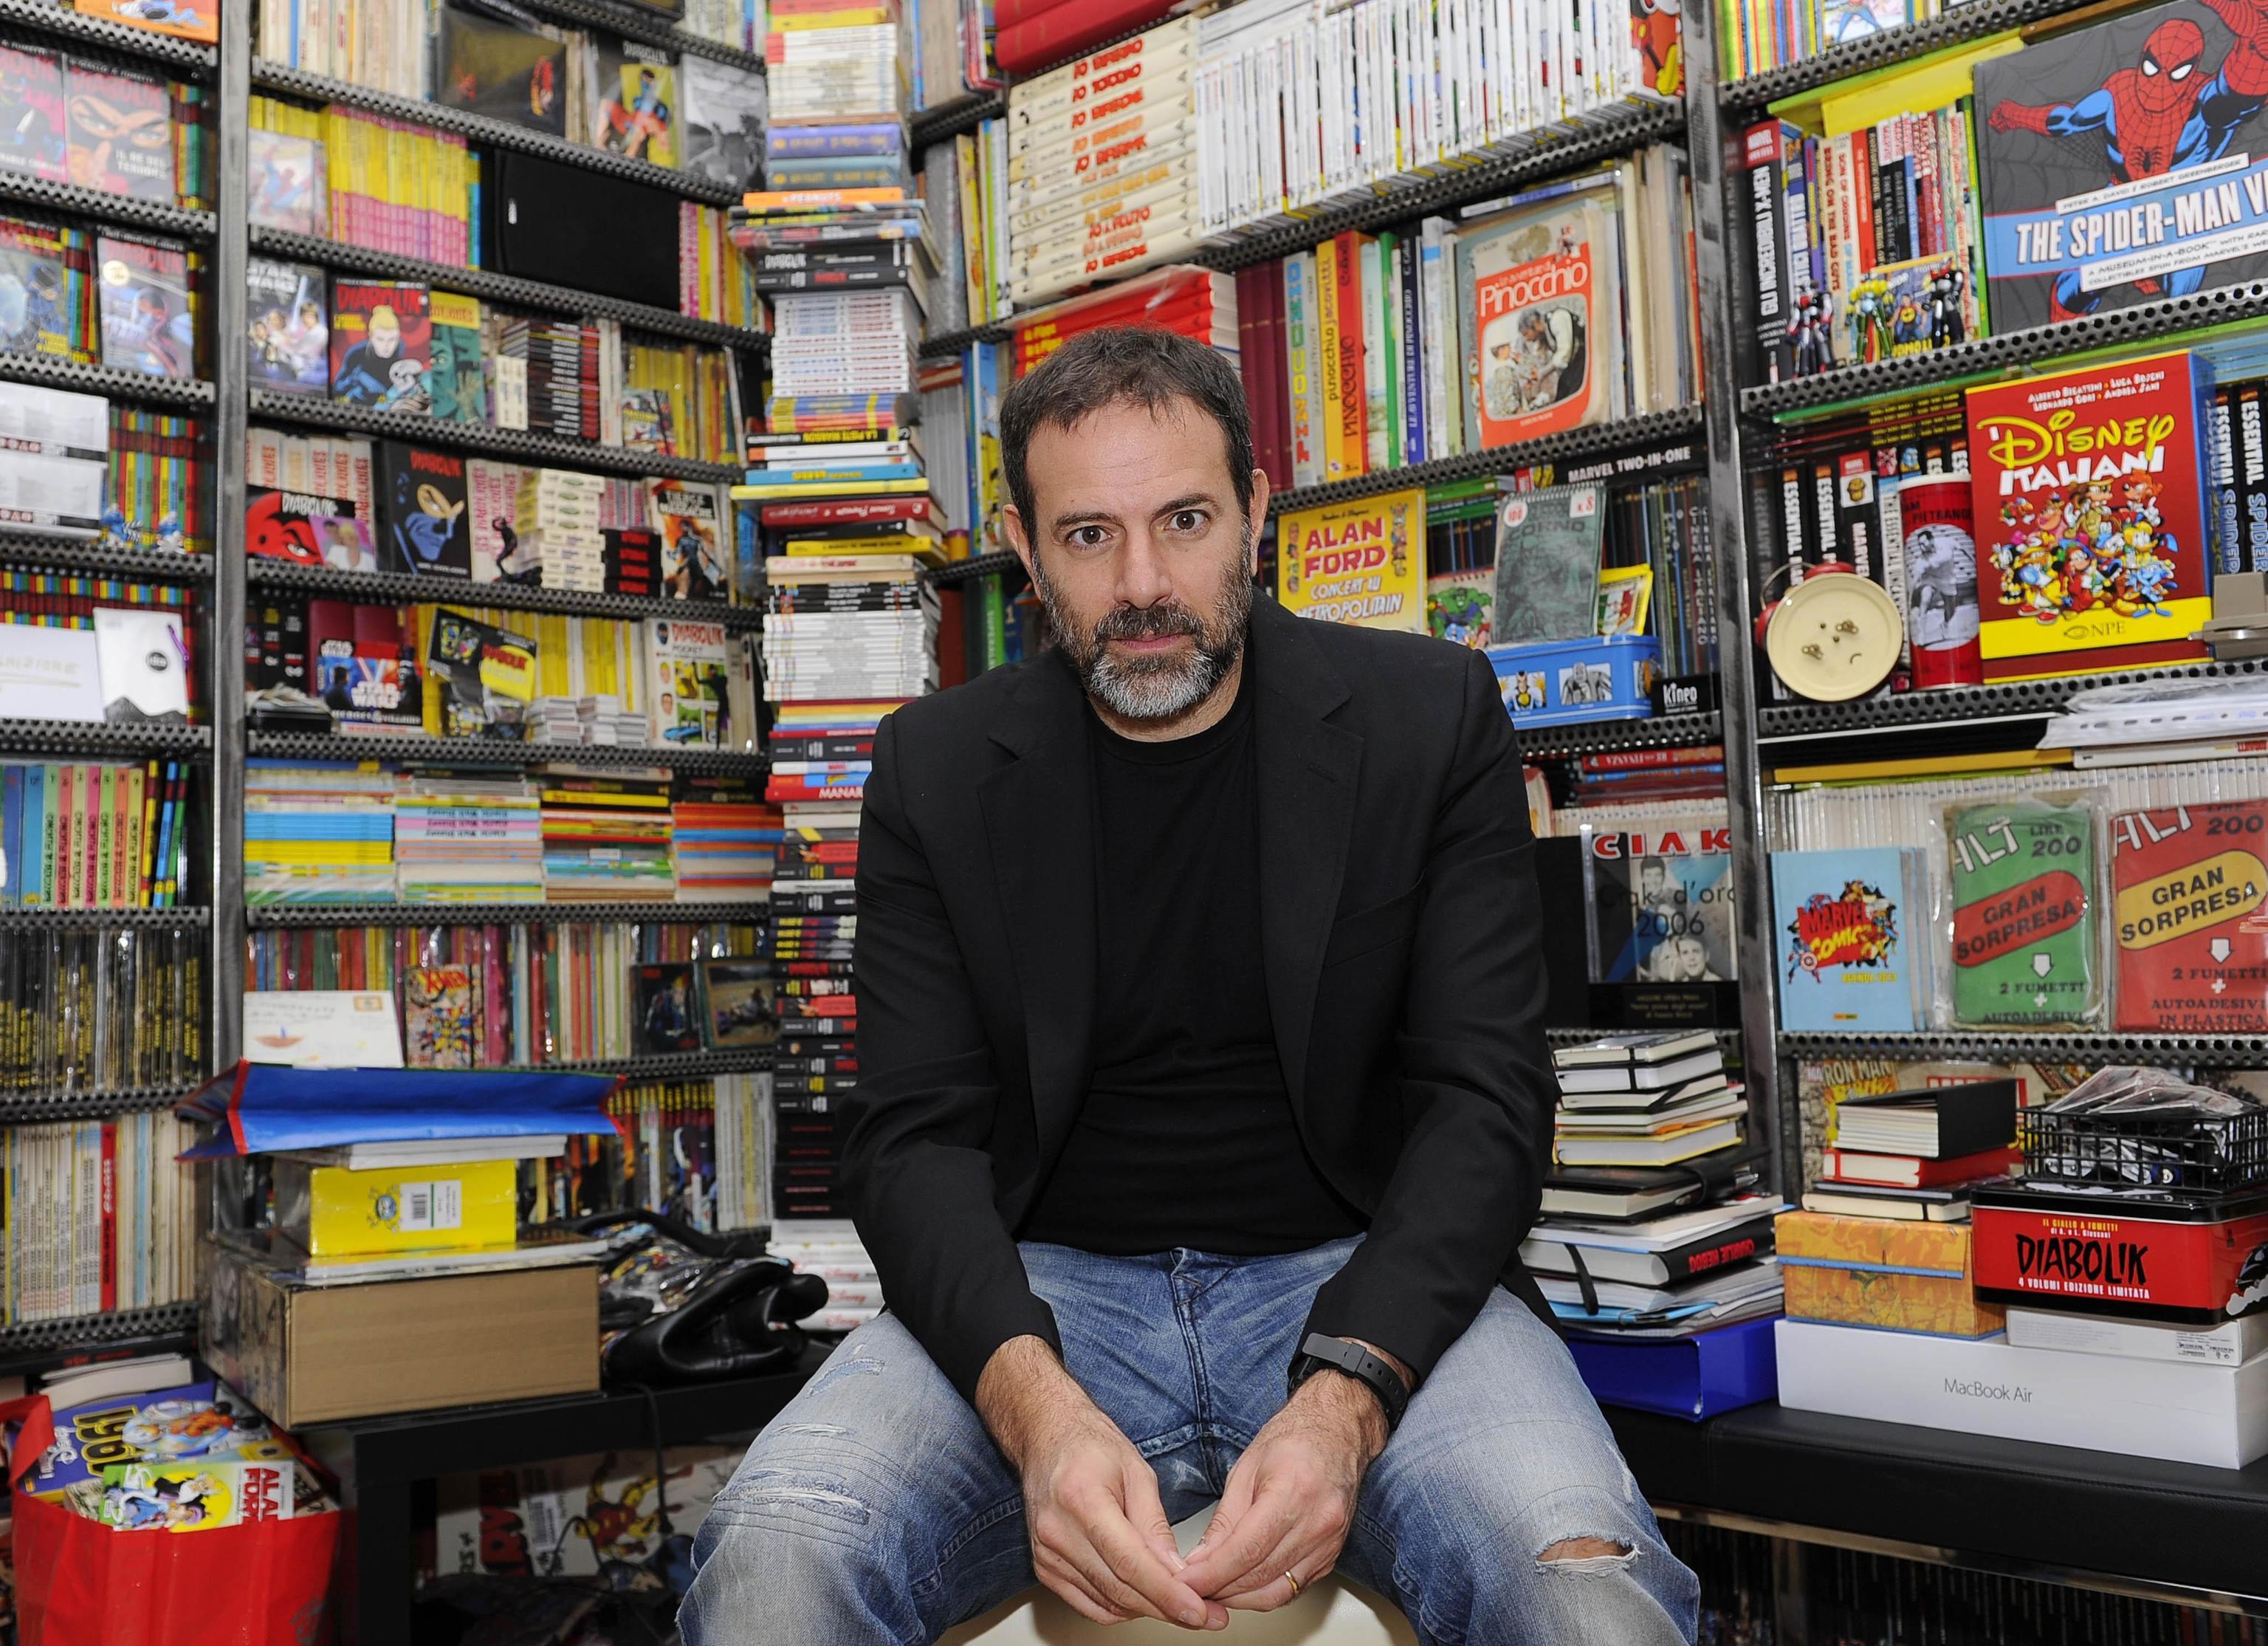 Fausto Brizzi accusato di molestie da dieci attrici, il servizio de Le Iene sul caso